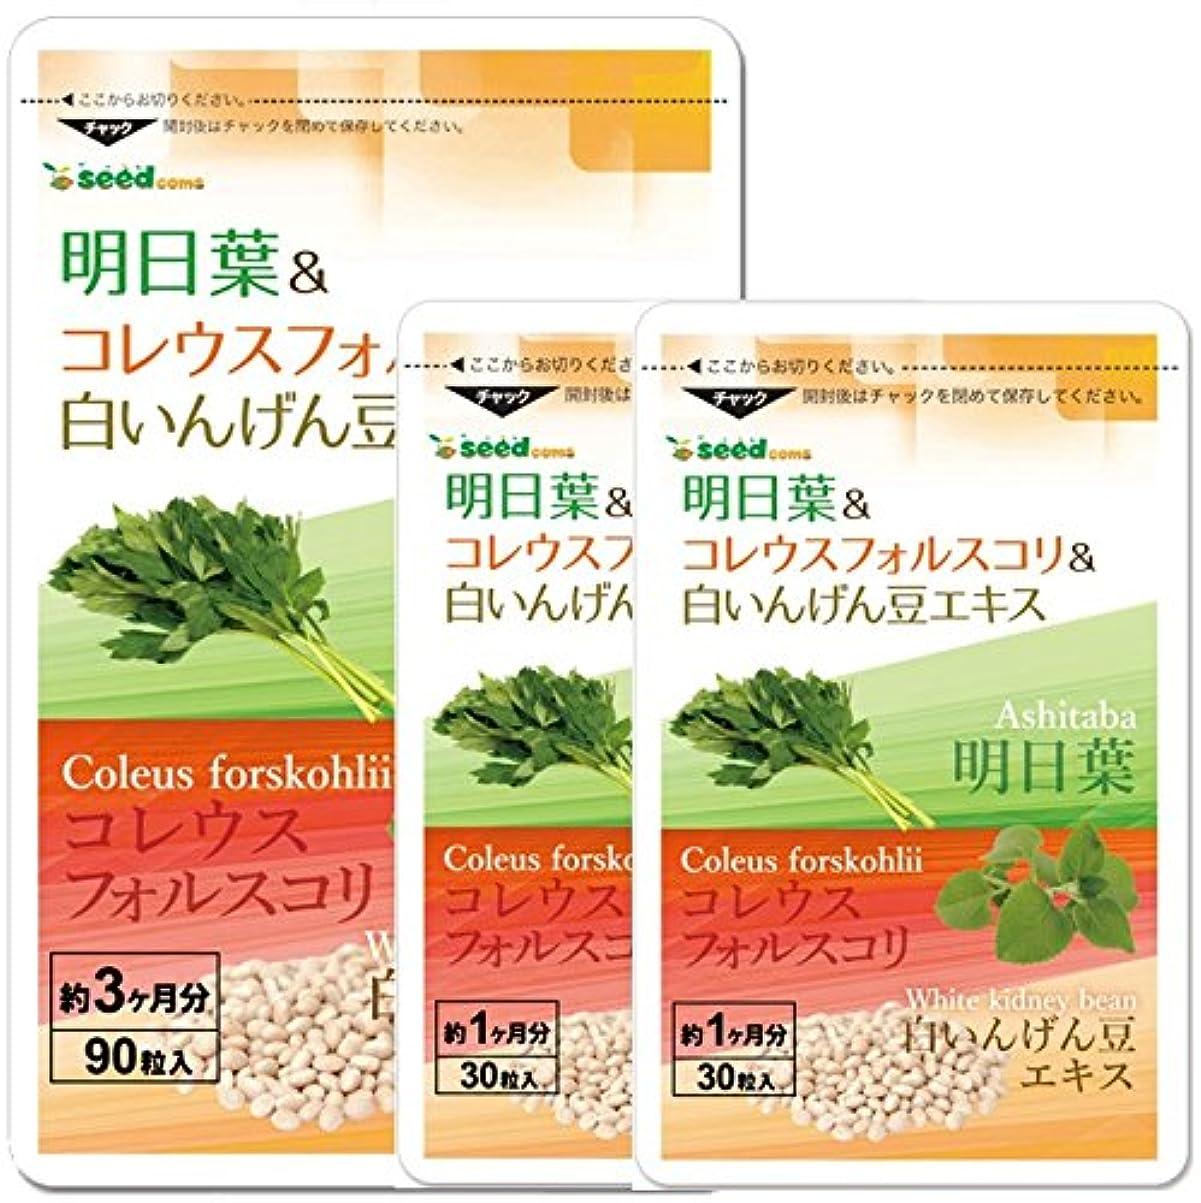 抽象化昇進パドル明日葉 & コレウスフォルスコリ & 白インゲン豆 エキス (約5ヶ月分/150粒) スッキリ&燃焼系&糖質バリアの3大ダイエット成分